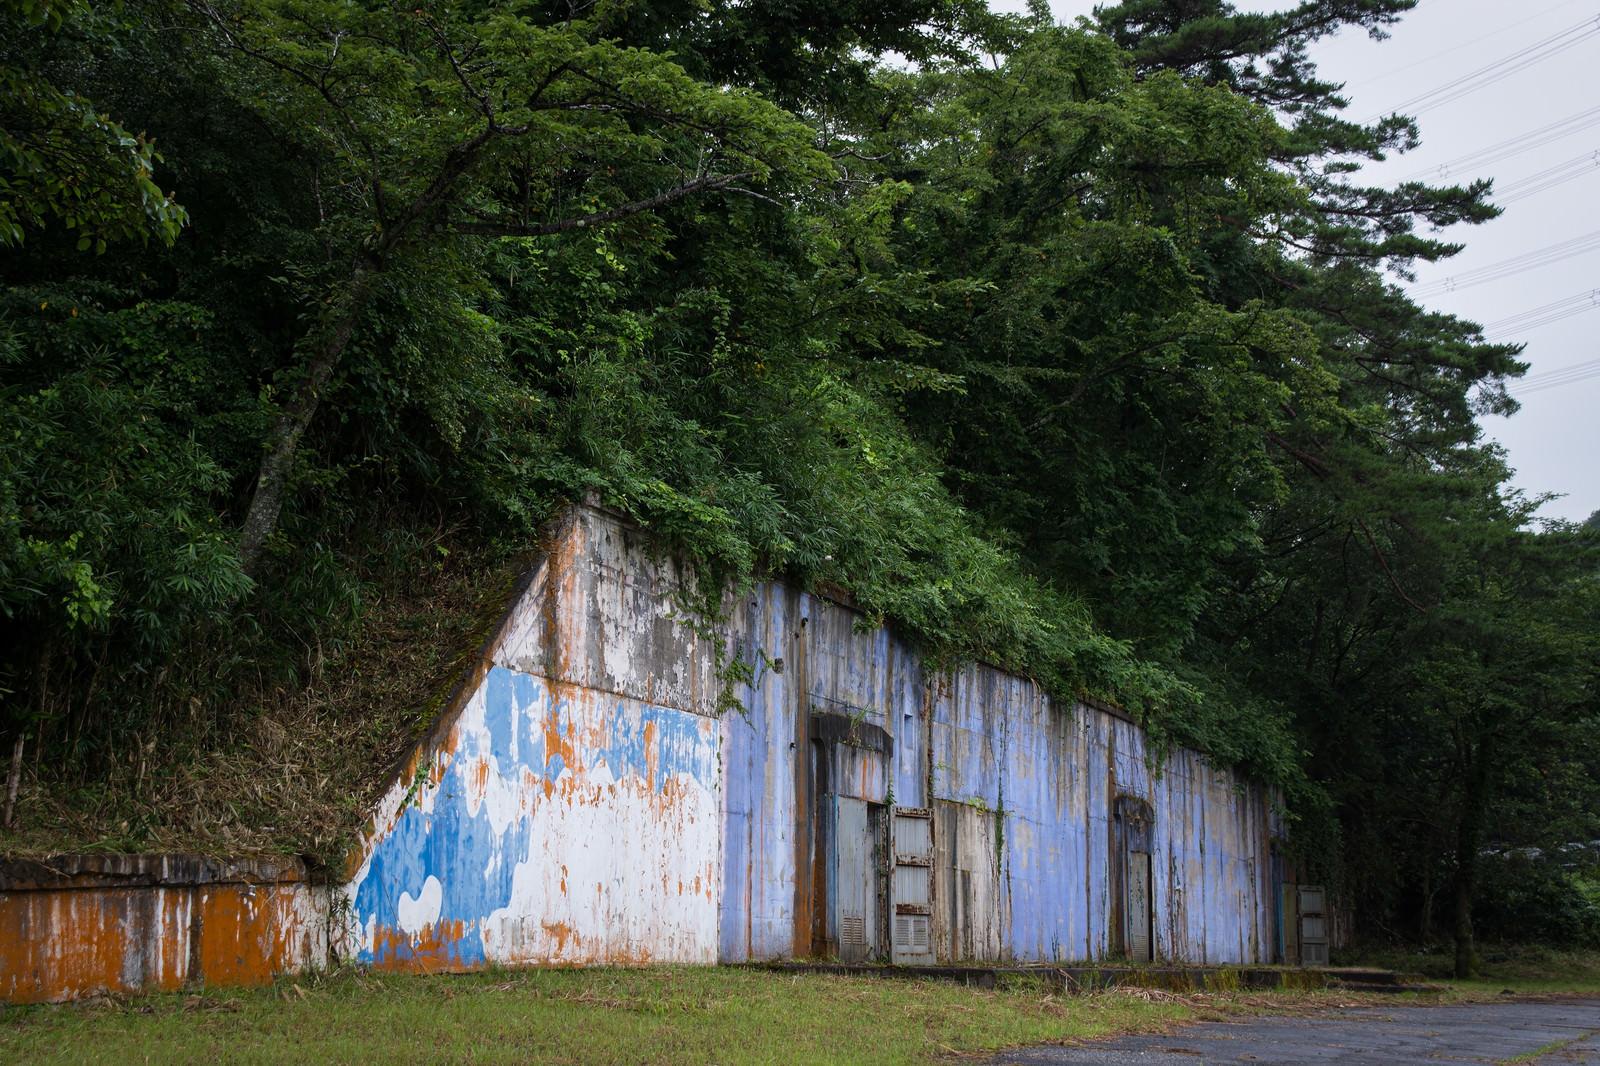 「遊園地だった頃はキレイに塗装されていたペンキが剥がれた火薬庫の壁と入り口」の写真